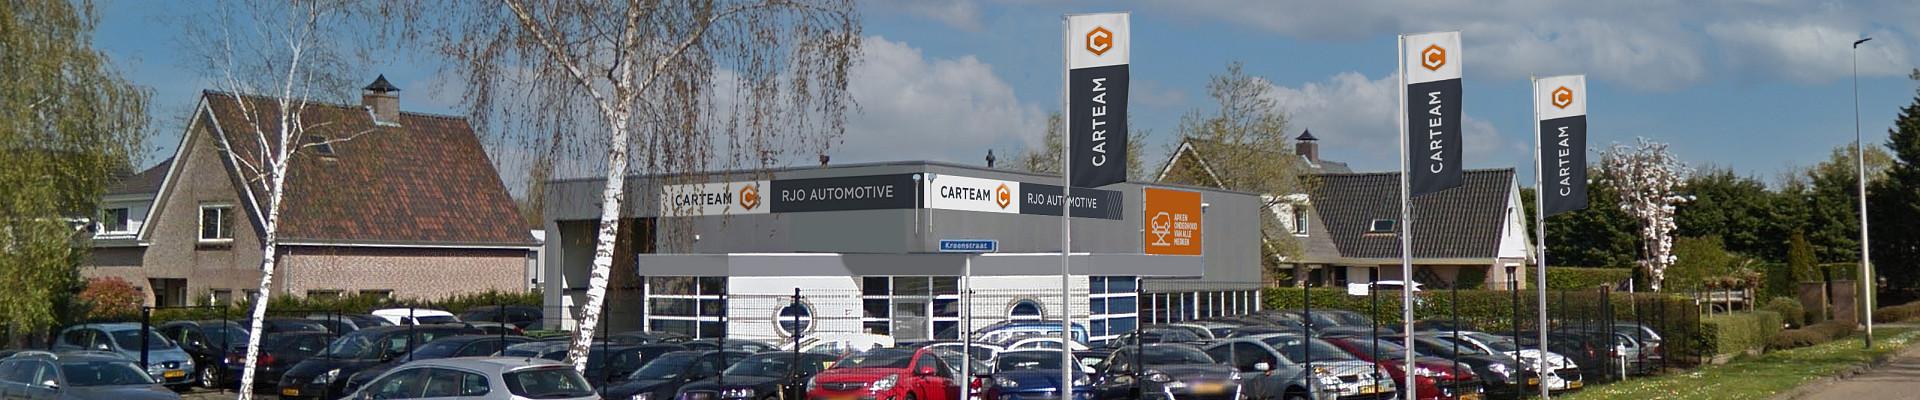 Carteam RJO Automotive